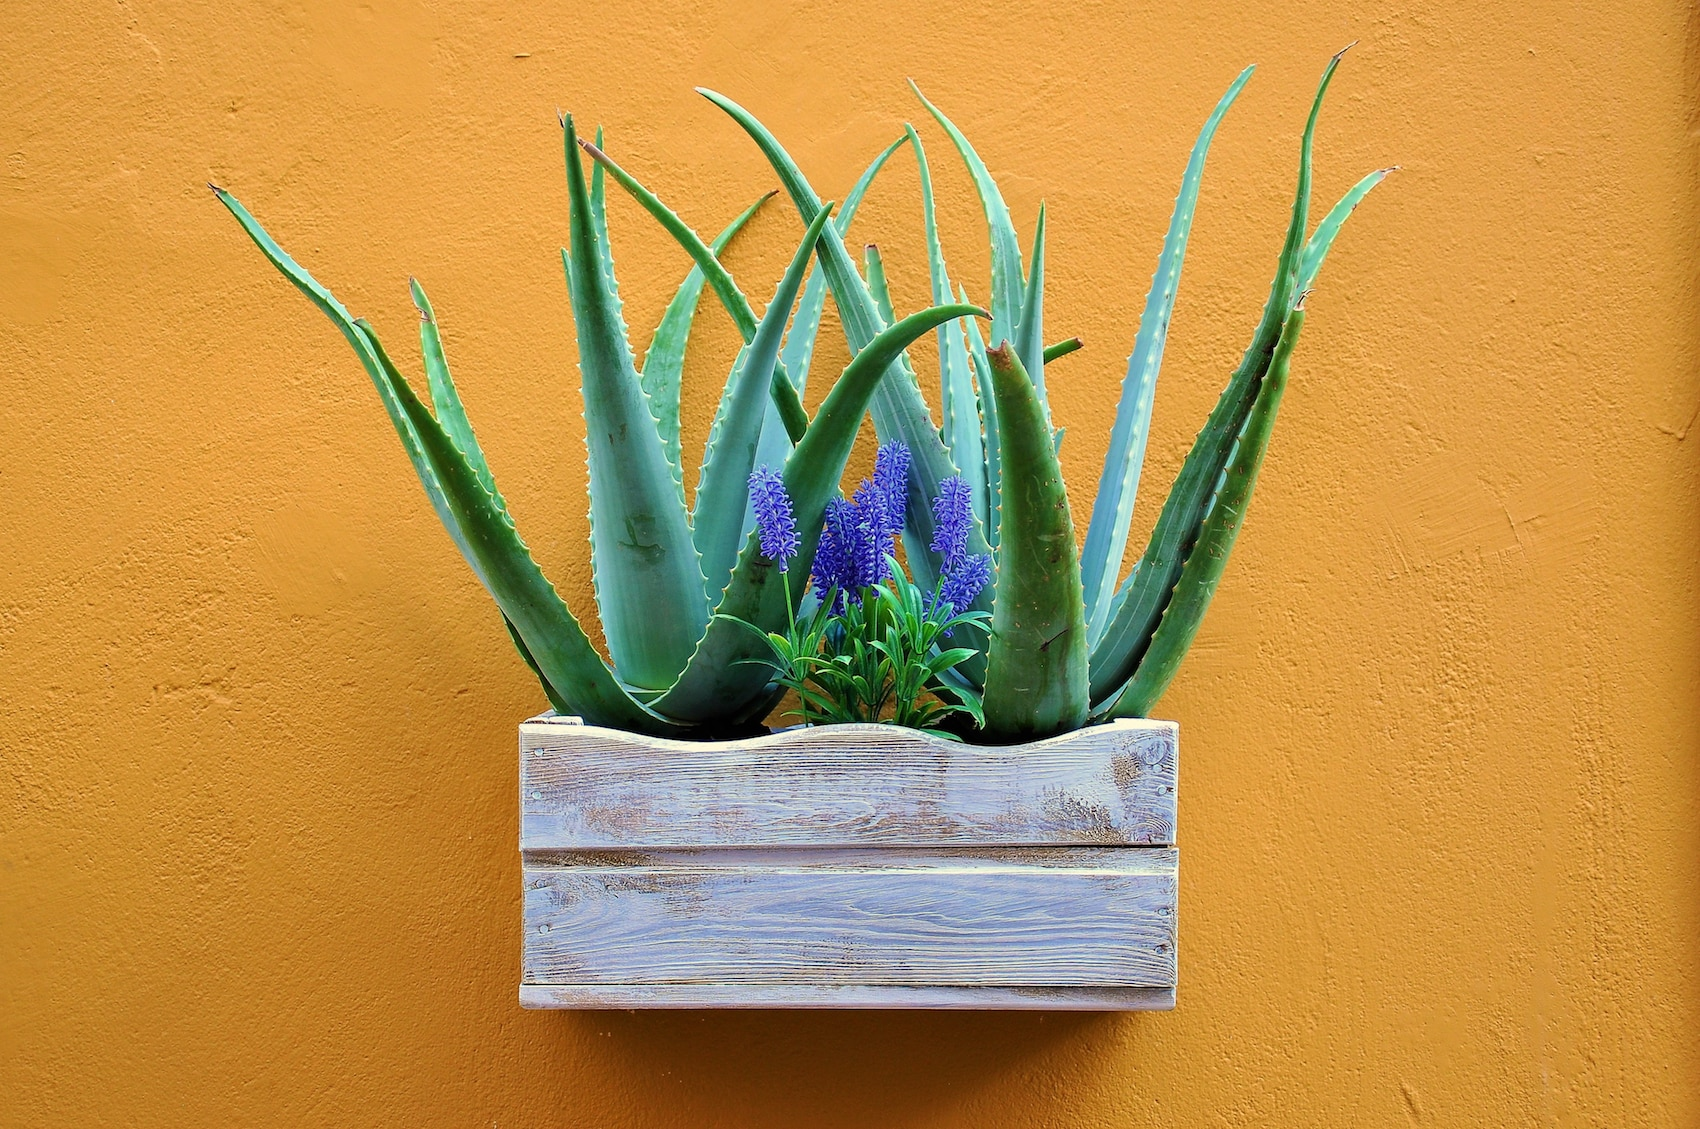 Die Aloe Vera Pflanze ist ein wichtiger Bestandteil der Wellness-Kultur von Gran Canaria.